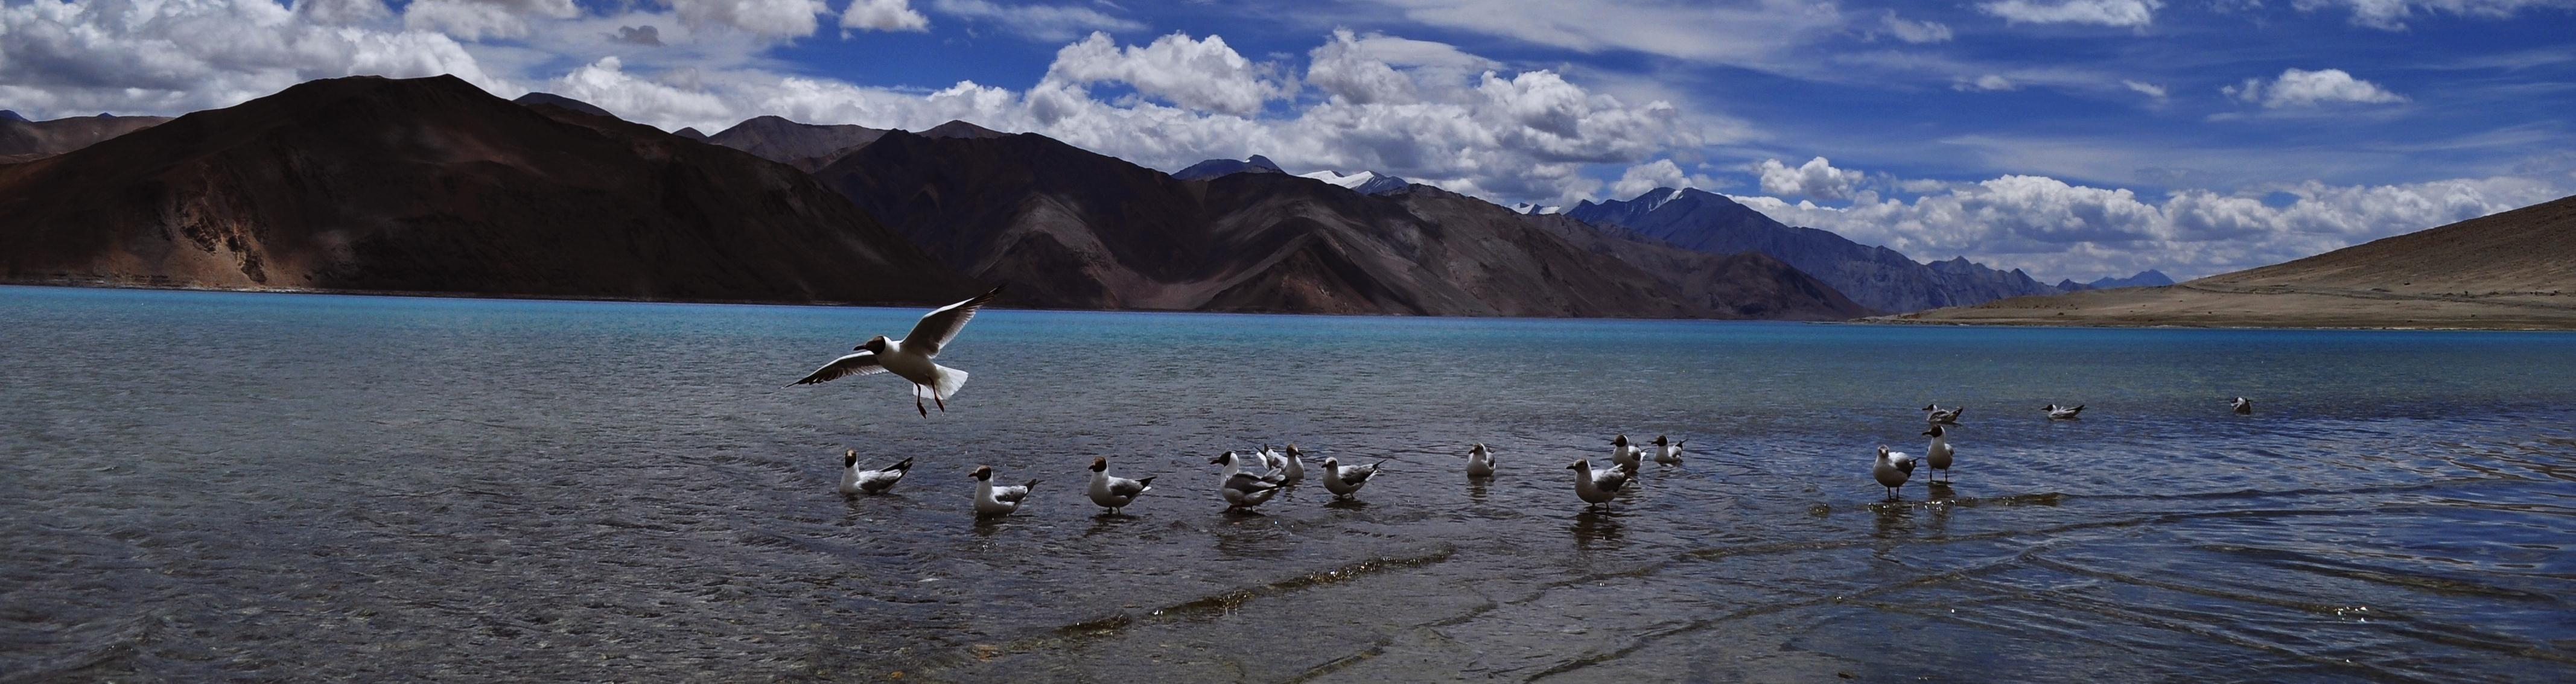 Birding Tours in Ladakh